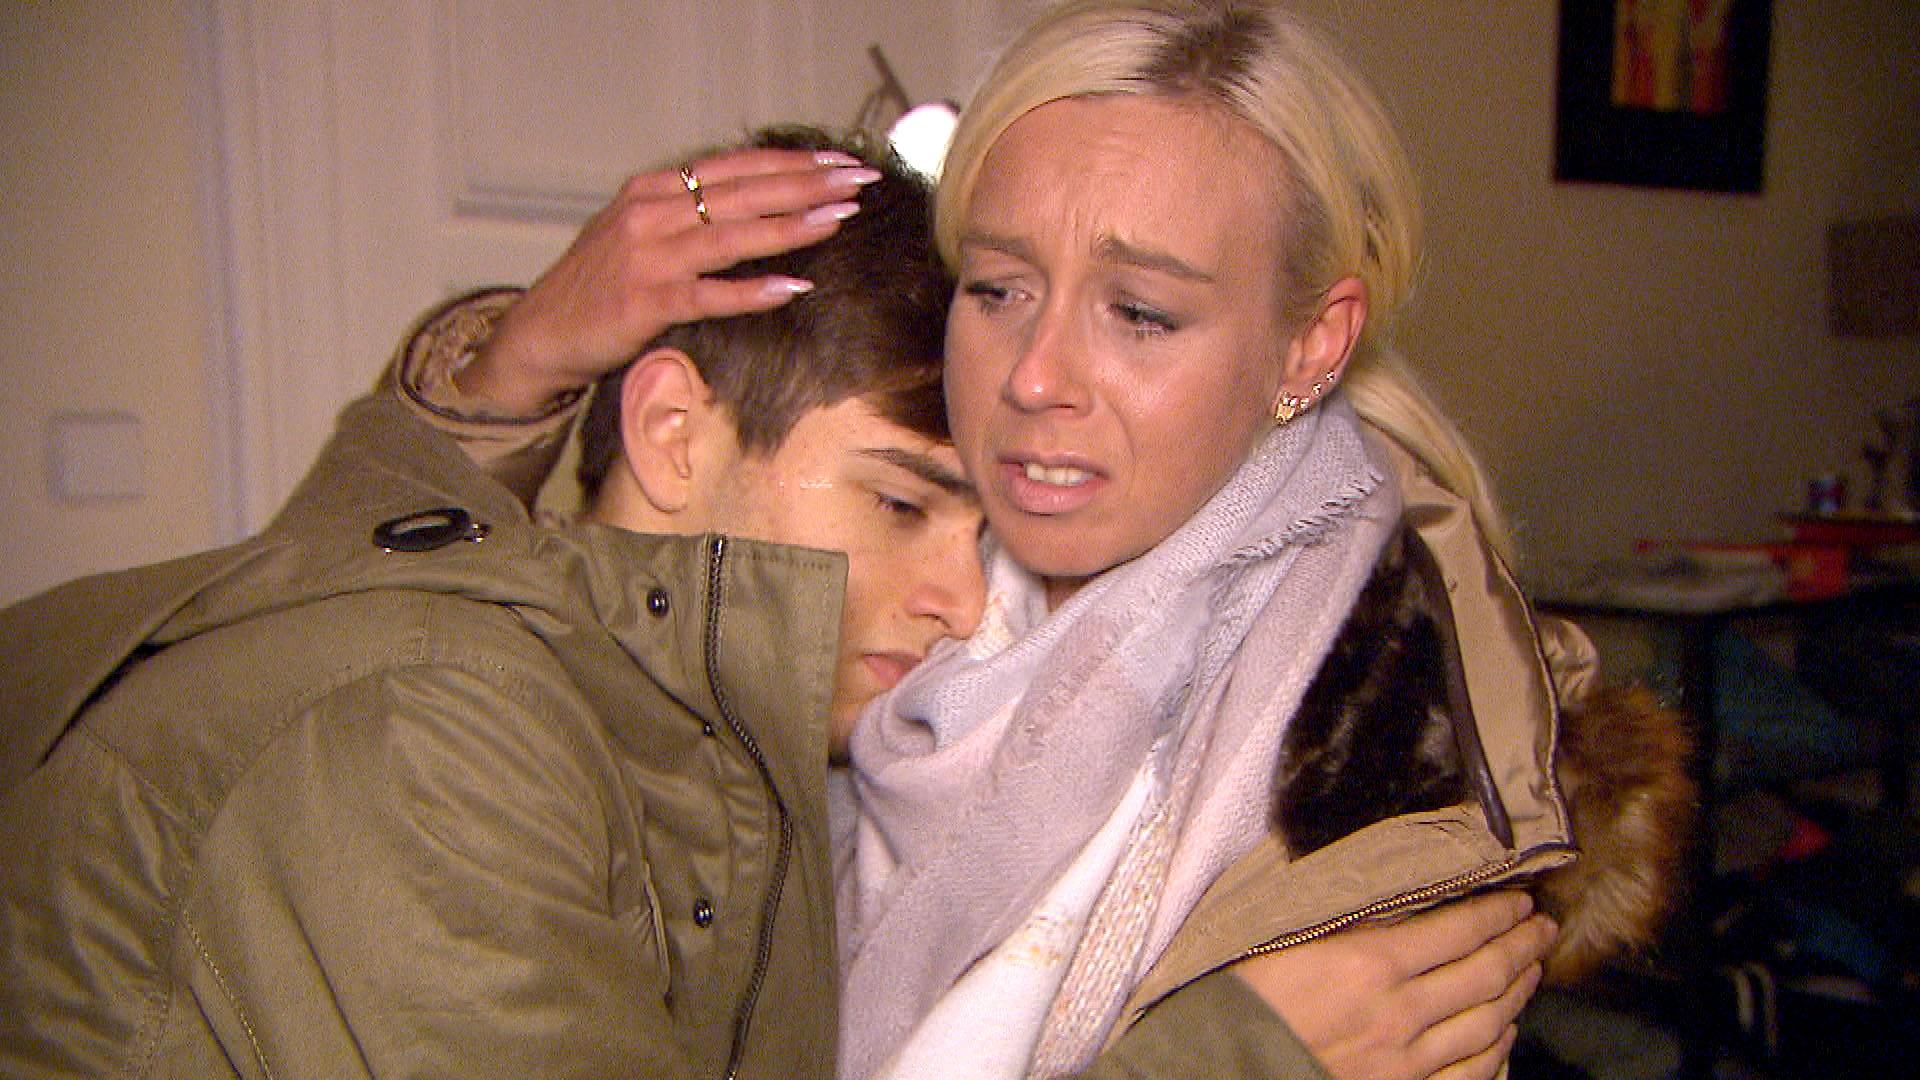 Peggy macht sich Sorgen um Malte, als sie ihn am Morgen in einem jämmerlichen Zustand in seinem Zimmer vorfindet. (Quelle: RTL 2)